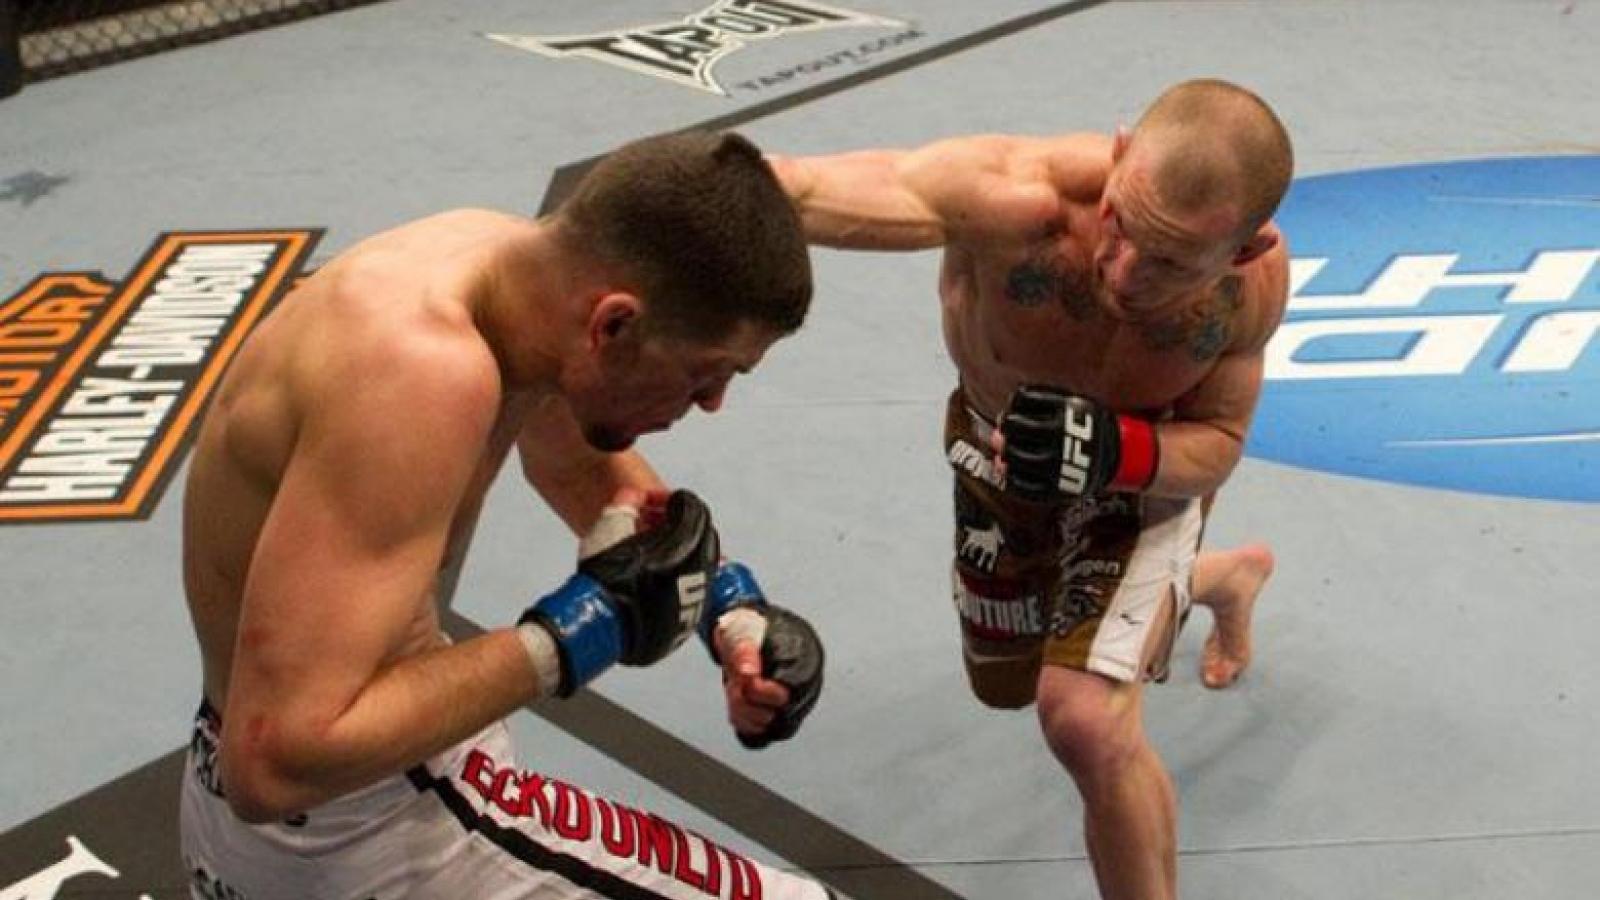 Võ sĩ hạ knock-out đối thủ sau chưa đầy 10 giây giao đấu